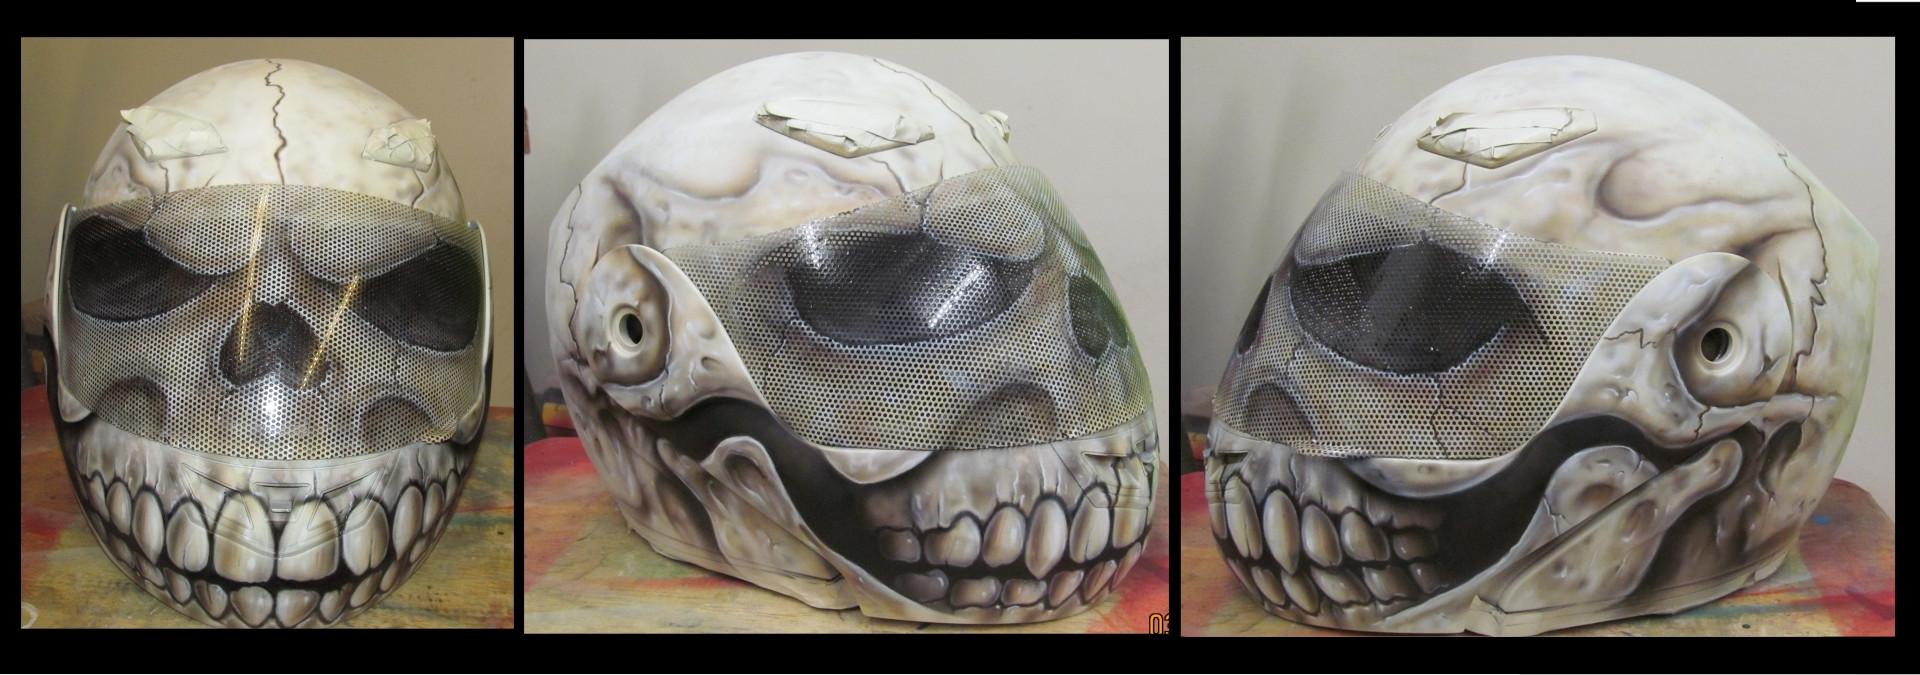 skull-helme-jpg2_.jpg